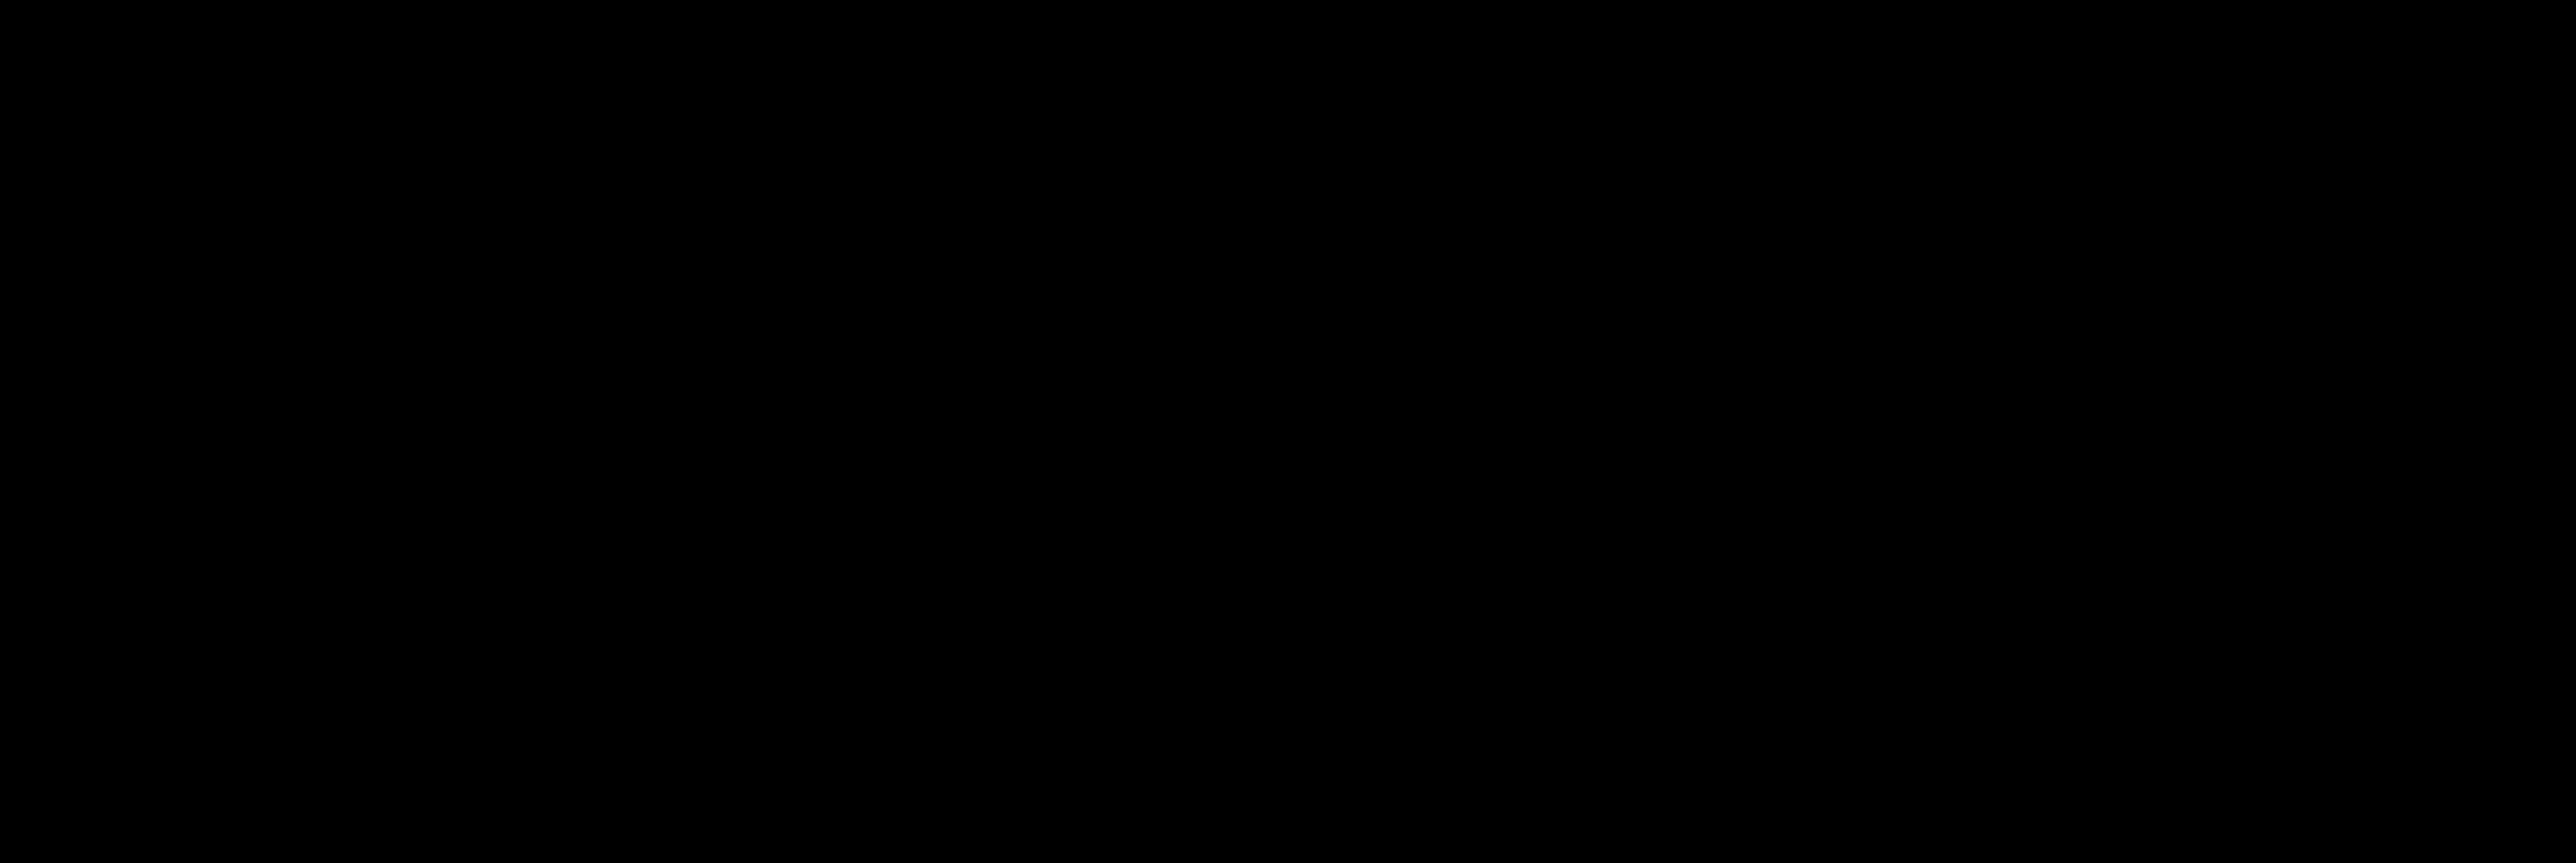 Clayton_ACS_Color_300